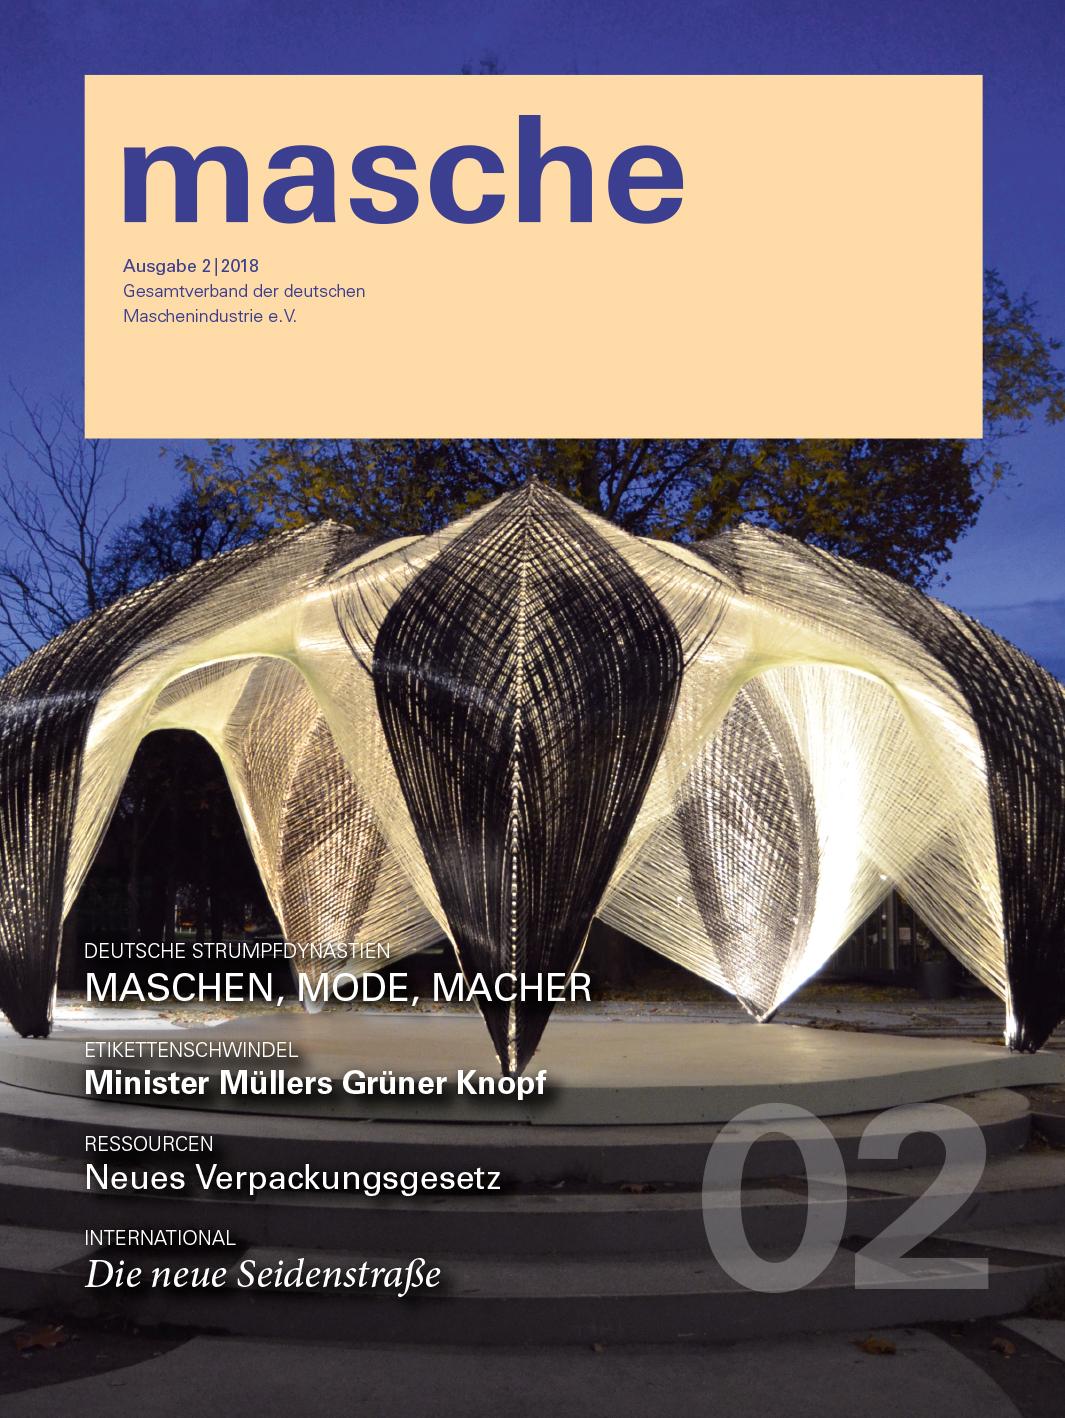 Magazintitel 'masche' Ausgabe 2/2018